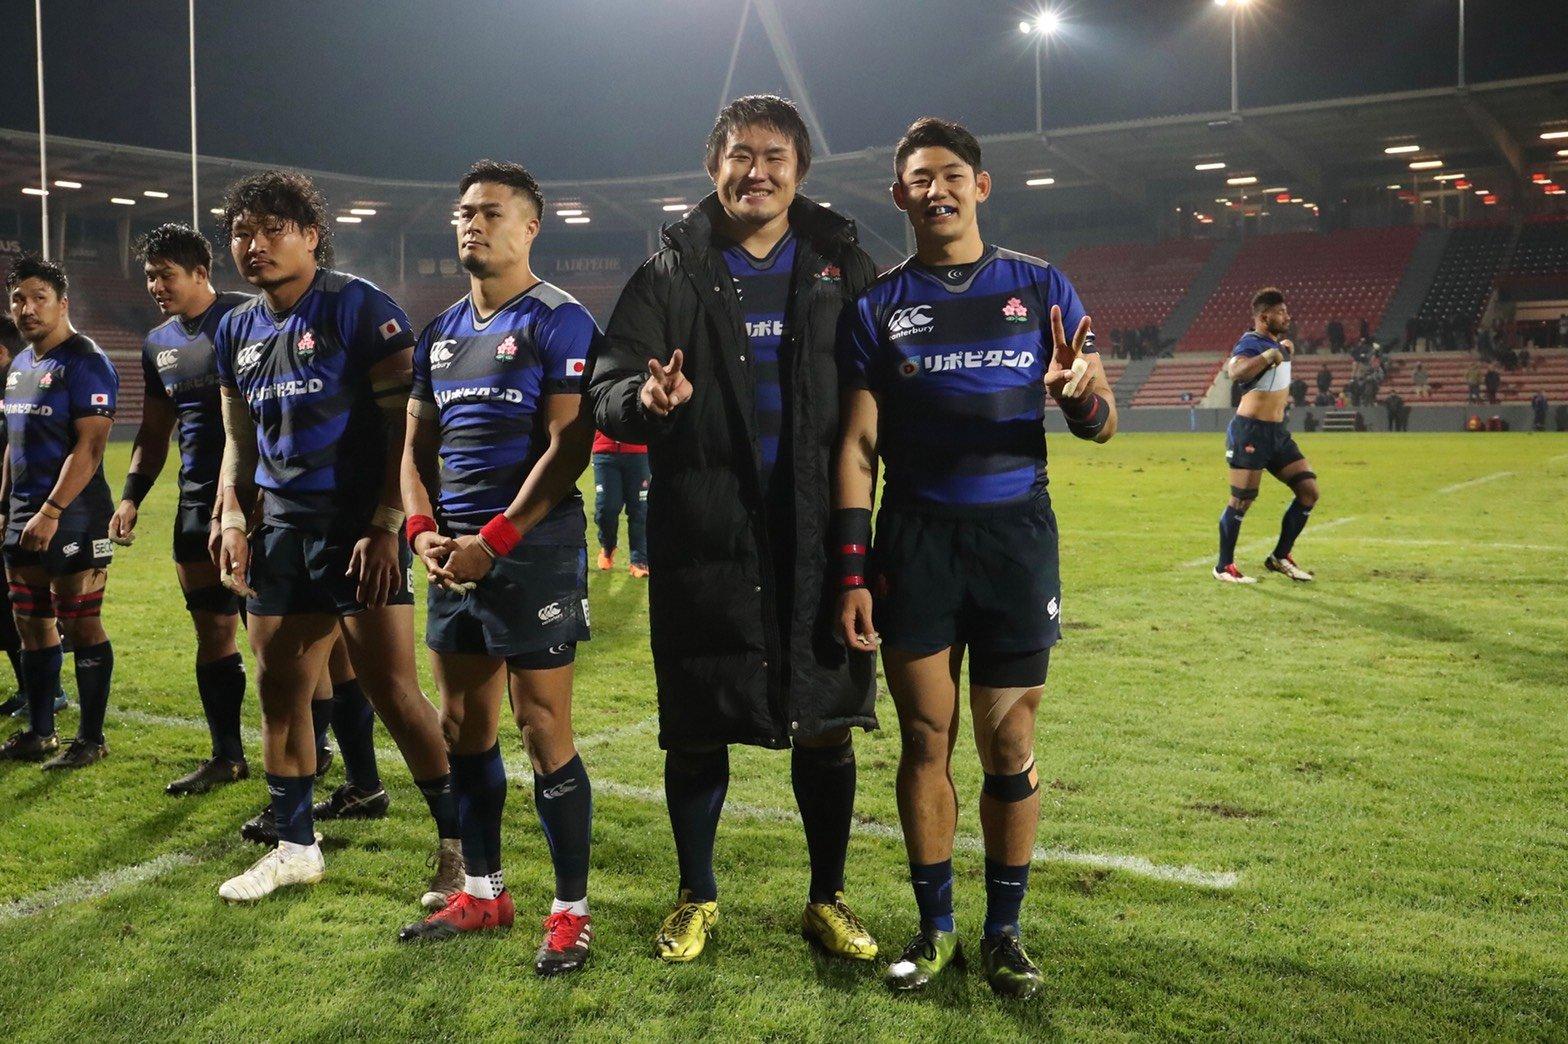 日本代表のシーズンが終わりました